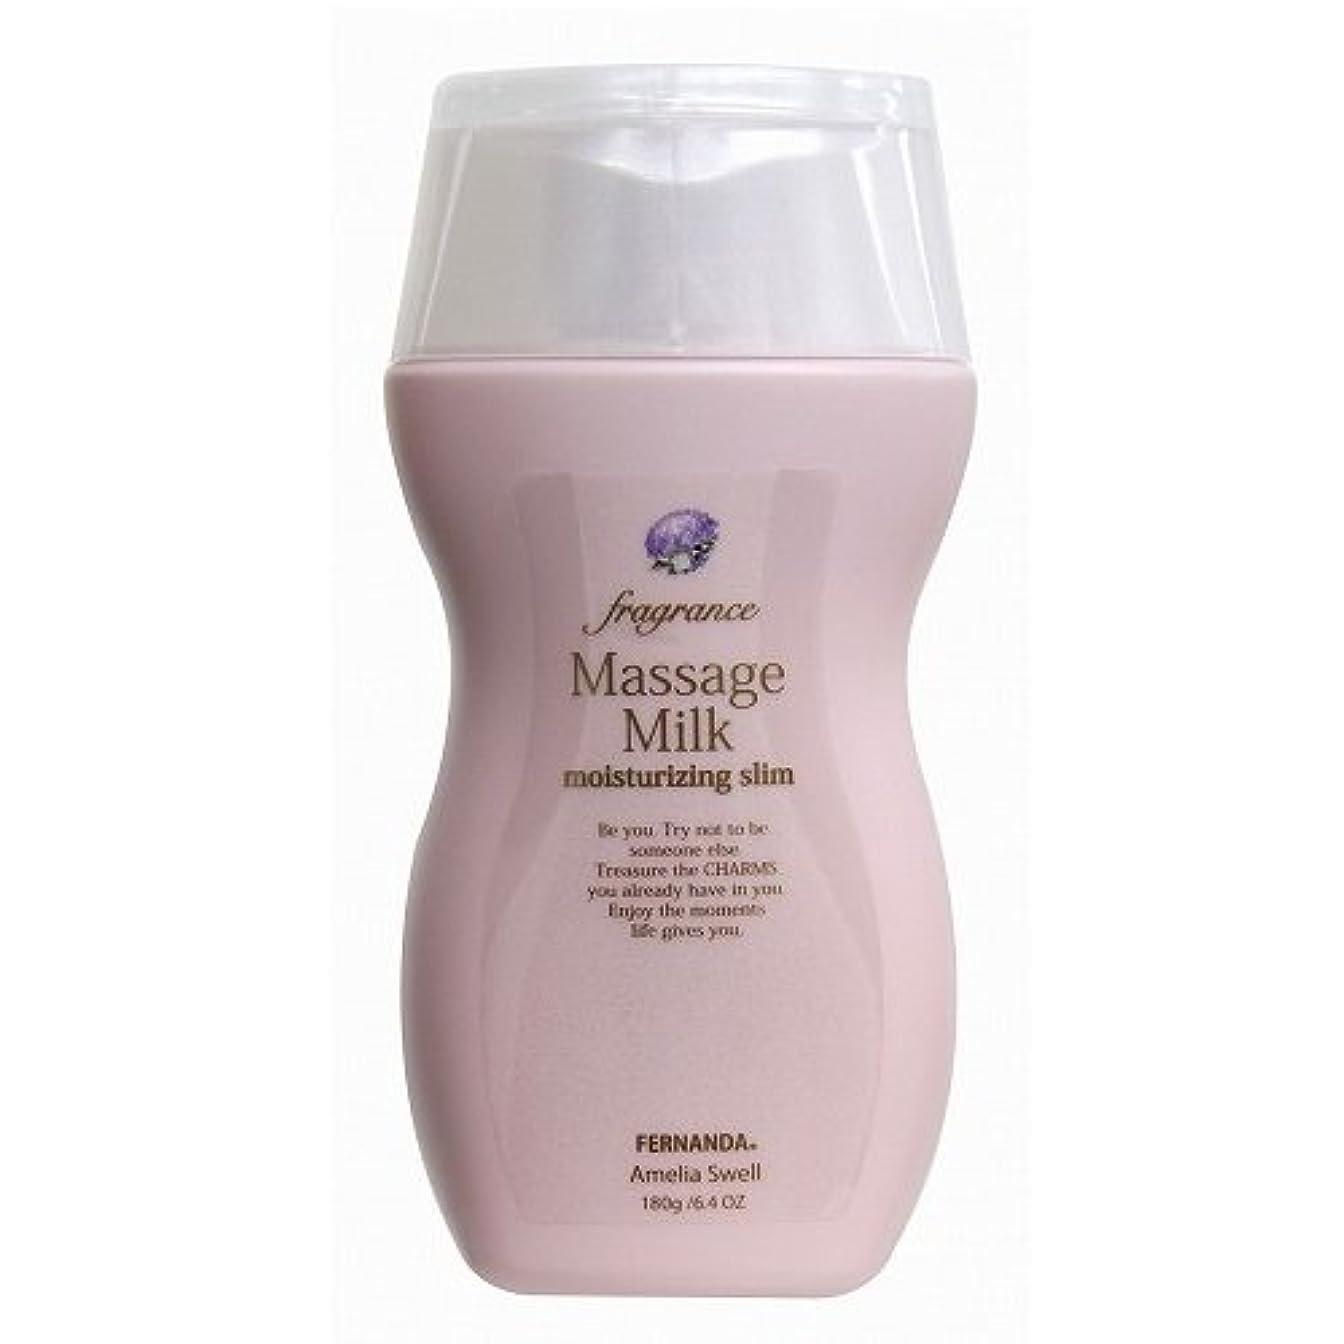 マルクス主義者場所問題FERNANDA(フェルナンダ) Massage Milk Amelia Swell (マッサージミルク アメリアスウェル)